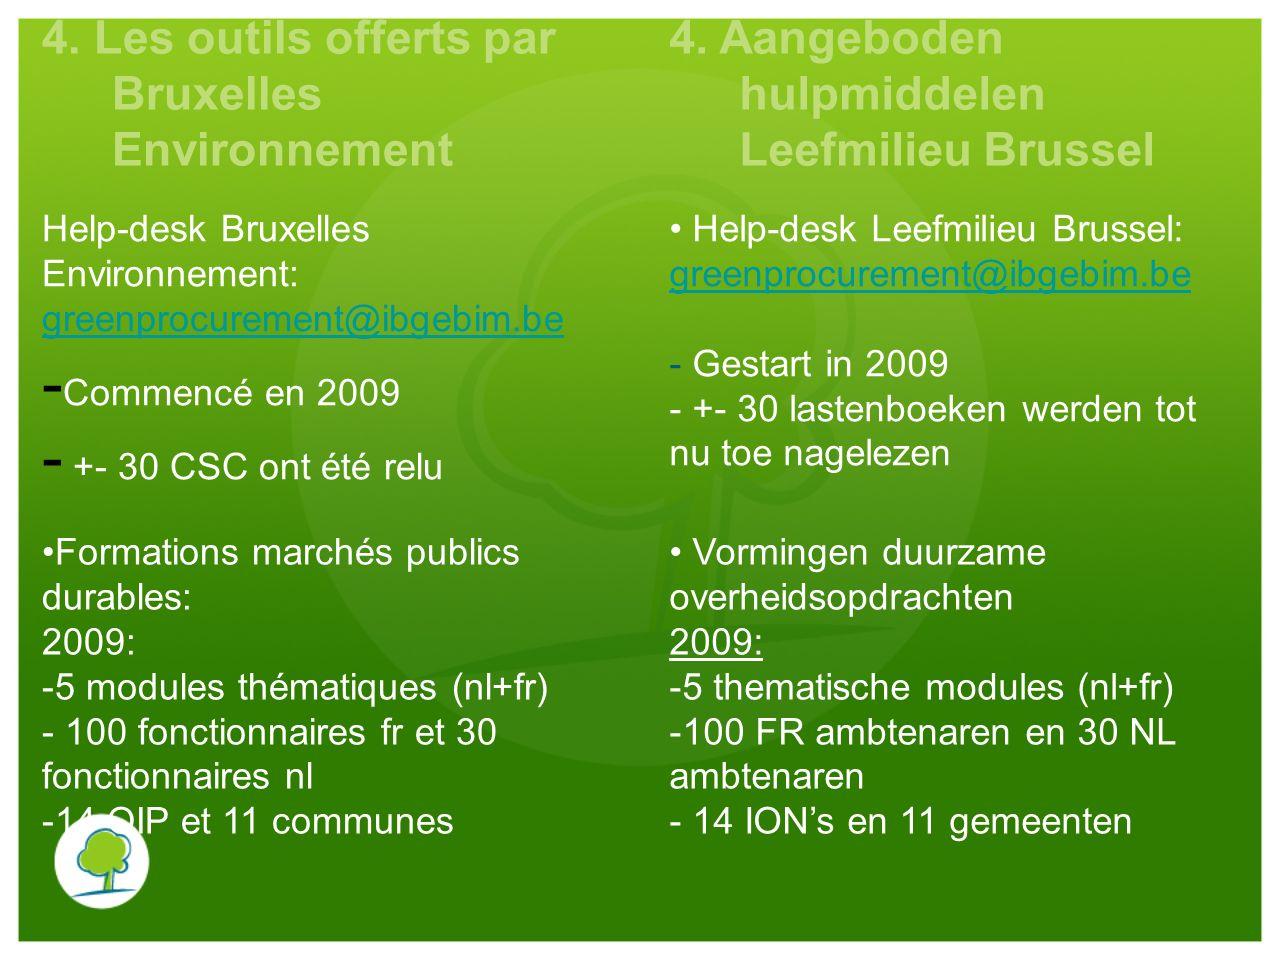 4. Les outils offerts par Bruxelles Environnement 4. Aangeboden hulpmiddelen Leefmilieu Brussel Help-desk Bruxelles Environnement: greenprocurement@ib